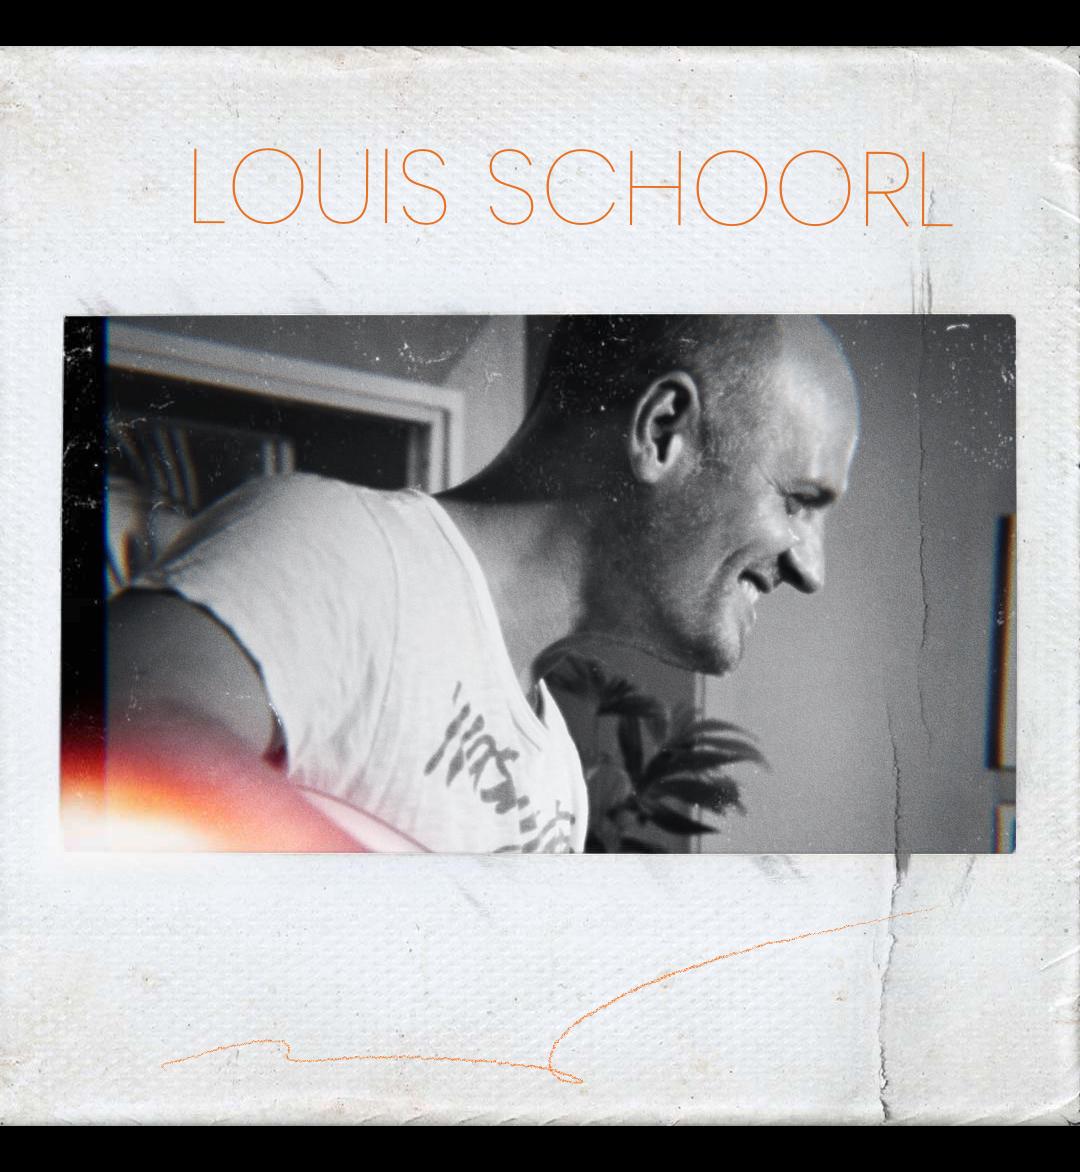 Louis Schoorl